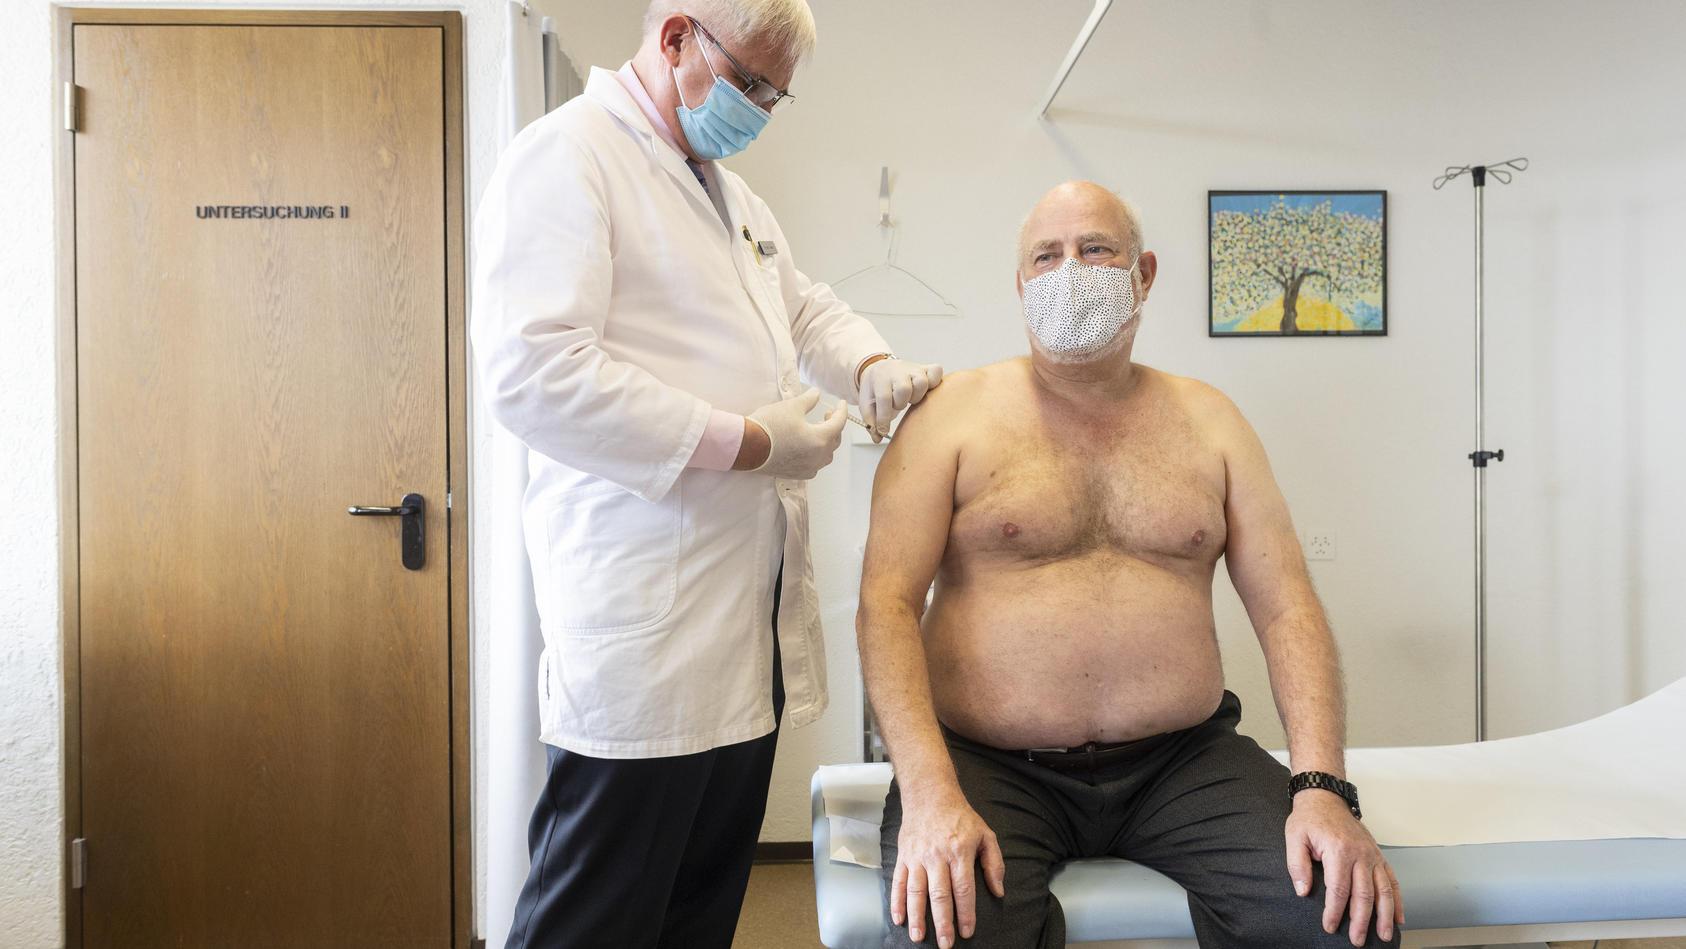 Ab April kann man sich bei seinem Hausarzt gegen Corona impfen lassen.